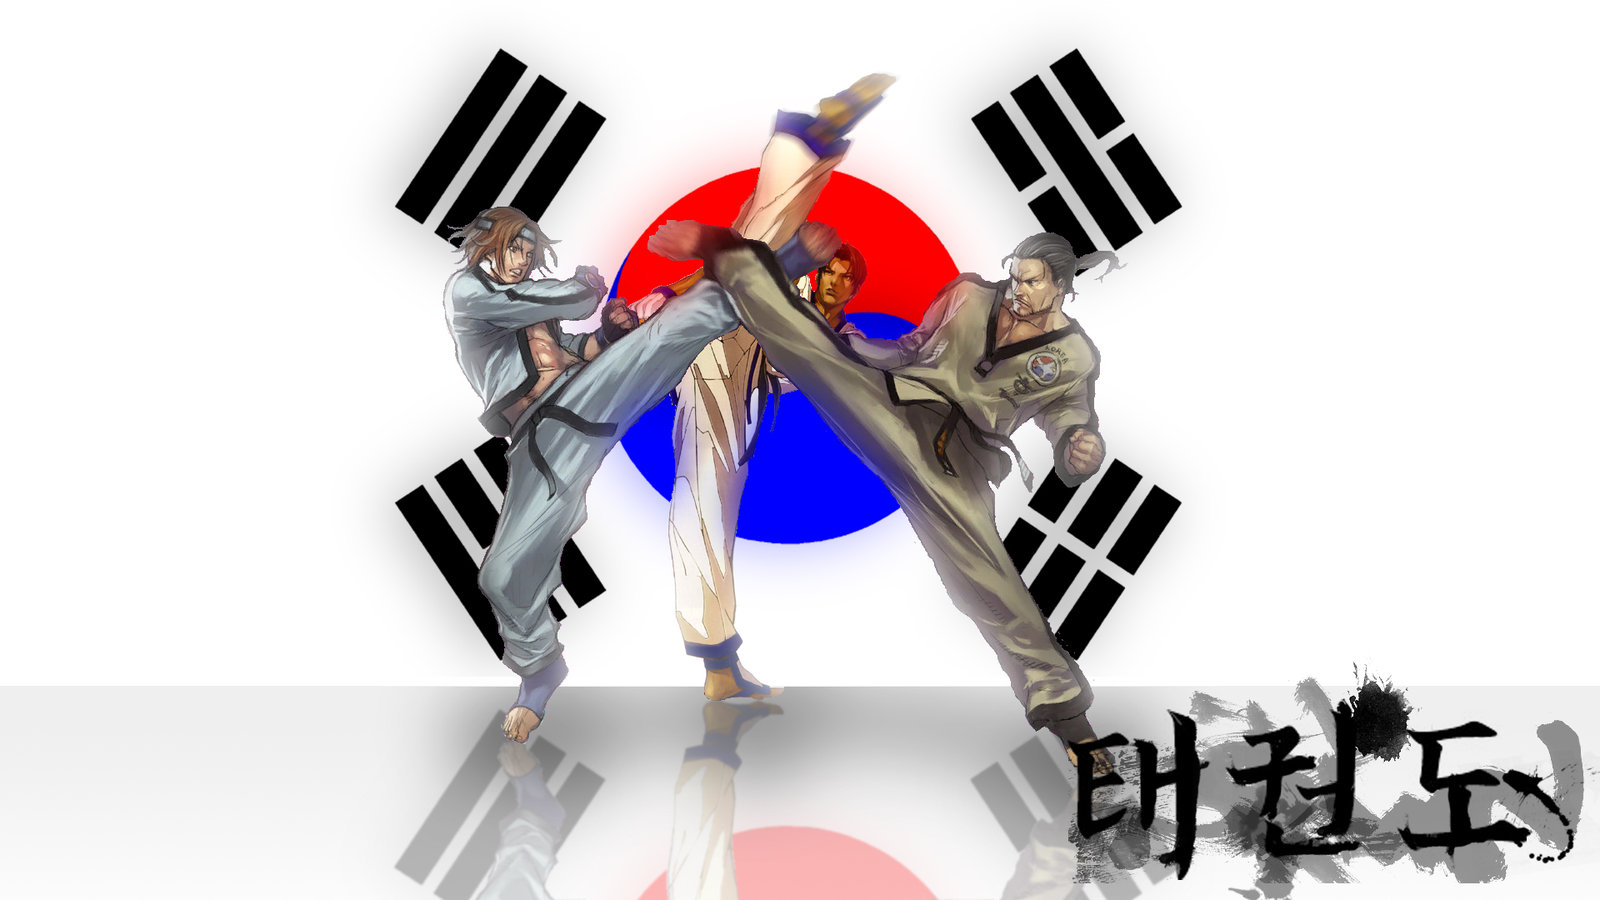 http://1.bp.blogspot.com/_ZnVEtTUjksE/TSJwrQCLB7I/AAAAAAAAAFI/ComP6R547CU/s1600/Taekwondo_V2_by_darron13.jpg